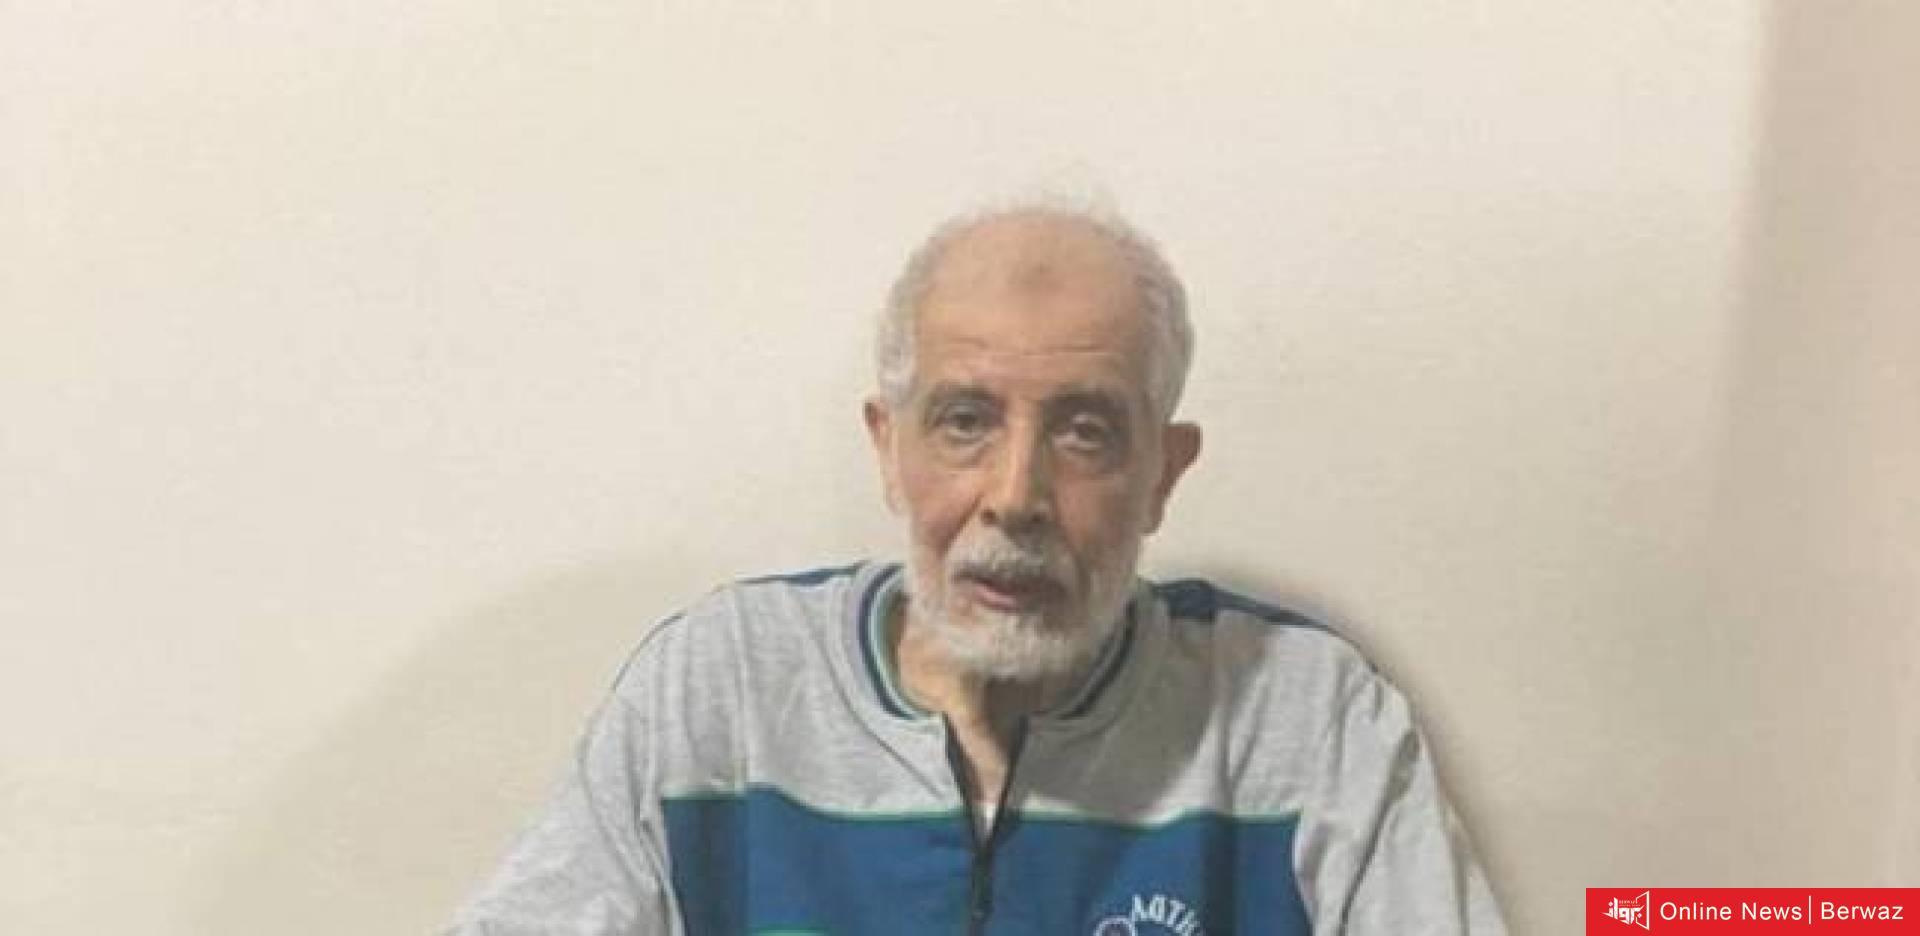 zjyPLjJo 743177 highres - الشرطة المصرية تلقى القبض على  محمود عزت القيادي الإخواني